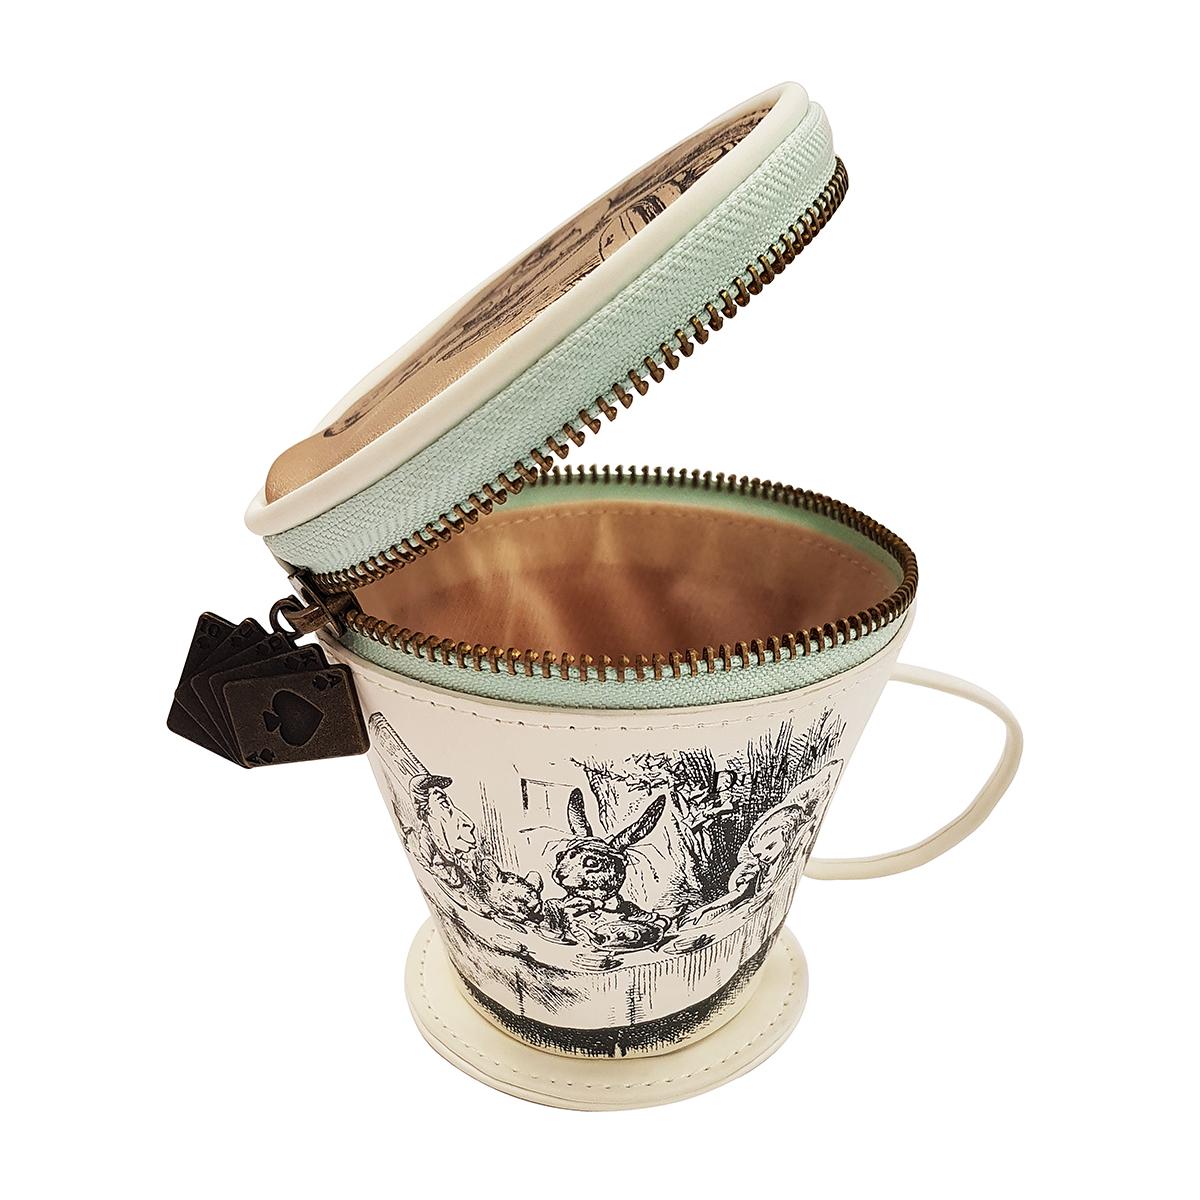 Alice's tea cup purse